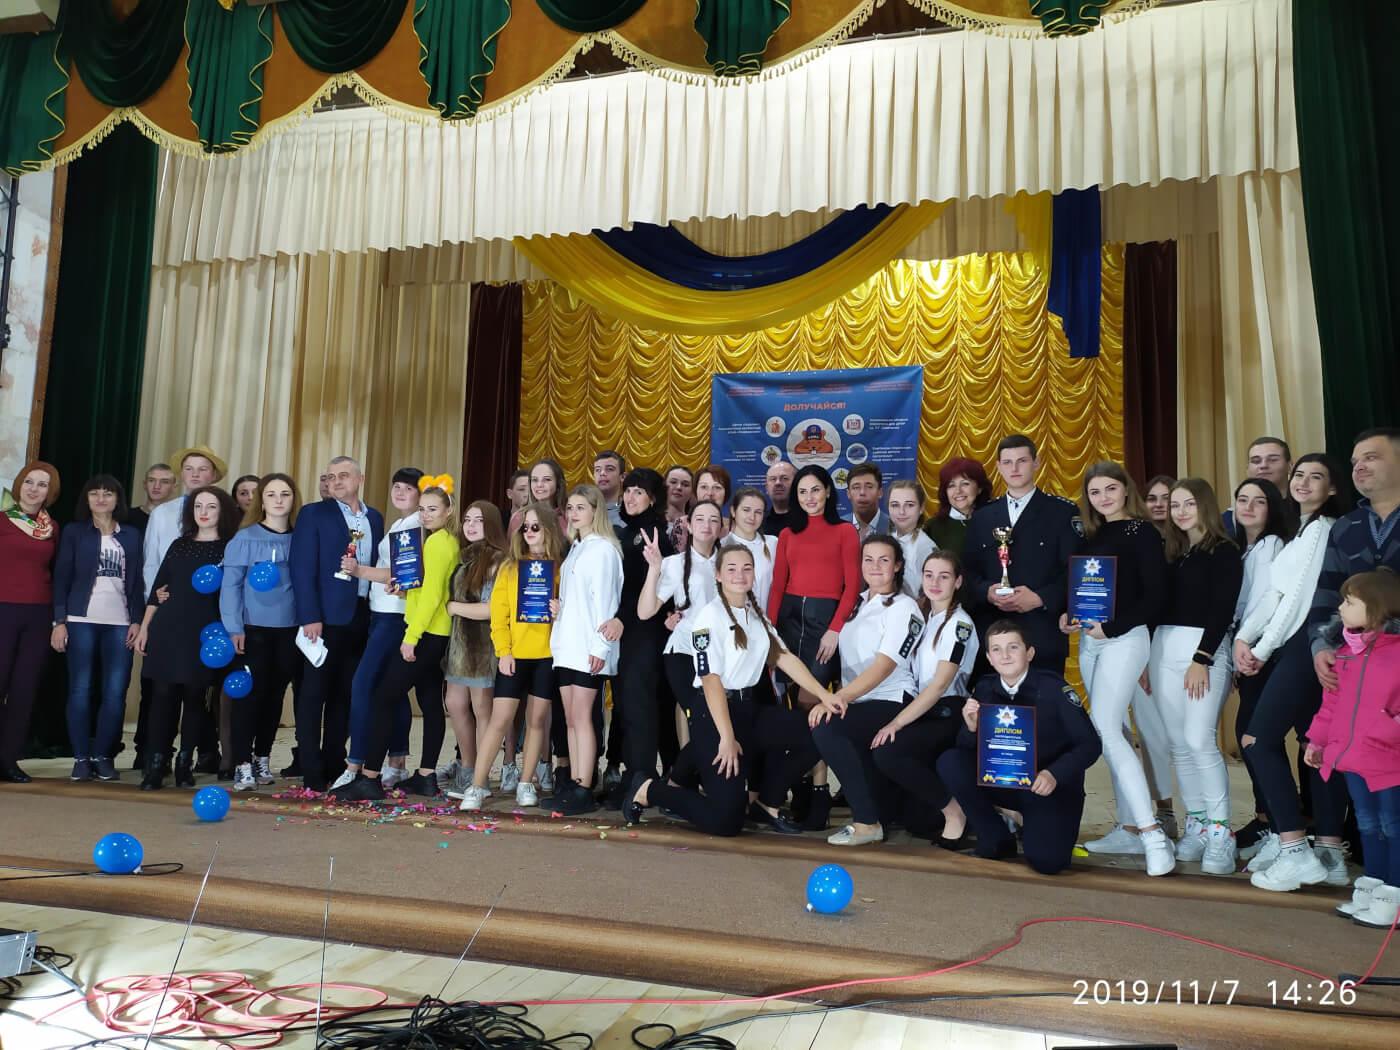 IMG 20191107 142632 - Перший обласний етап гри клубу веселих та найкмітливіших серед команд молодіжного патріотично – правового руху «ХОМА» в Хмельницькій області